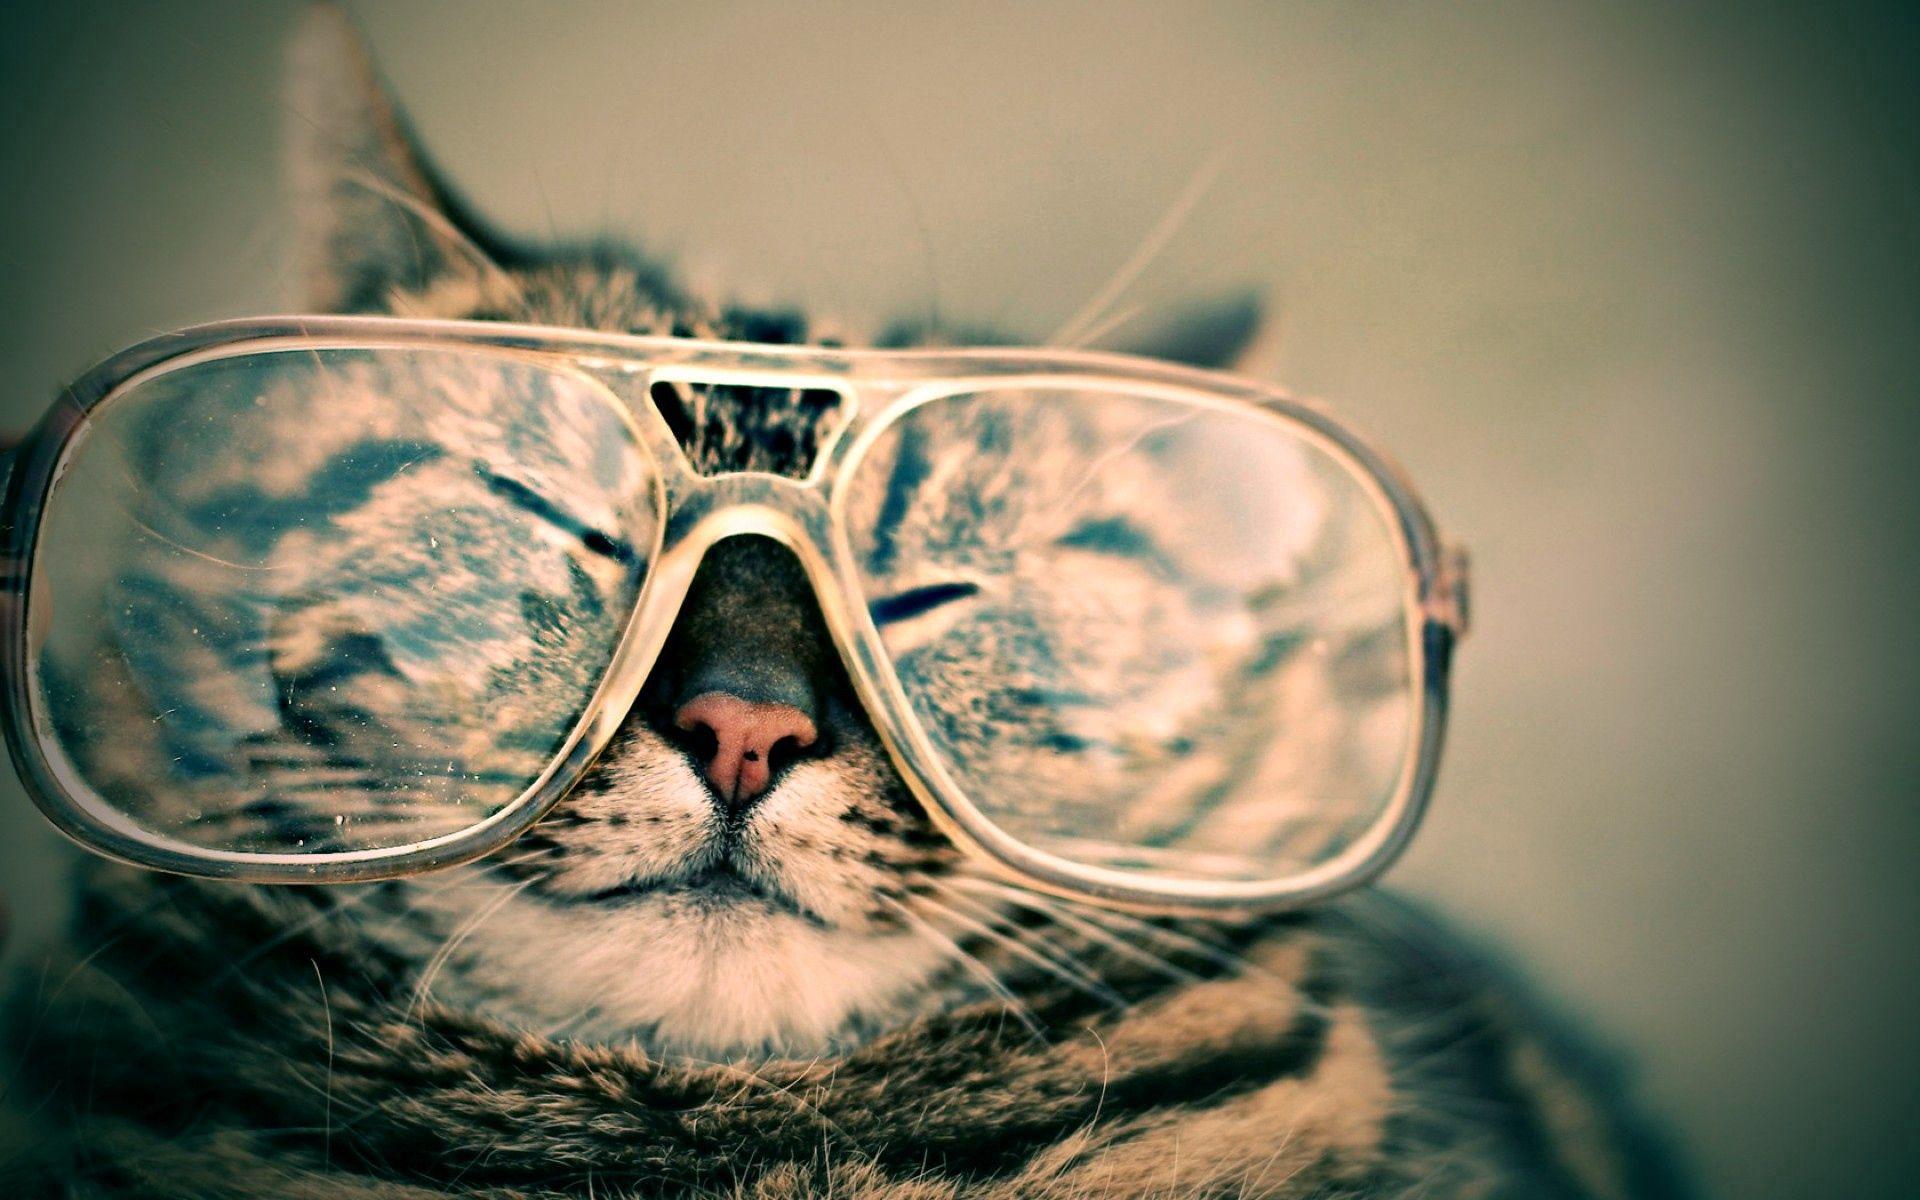 Handy-Wallpaper Tiere, Der Kater, Katze, Schnauze, Gestreift, Brille, Scherz, Witz kostenlos herunterladen.